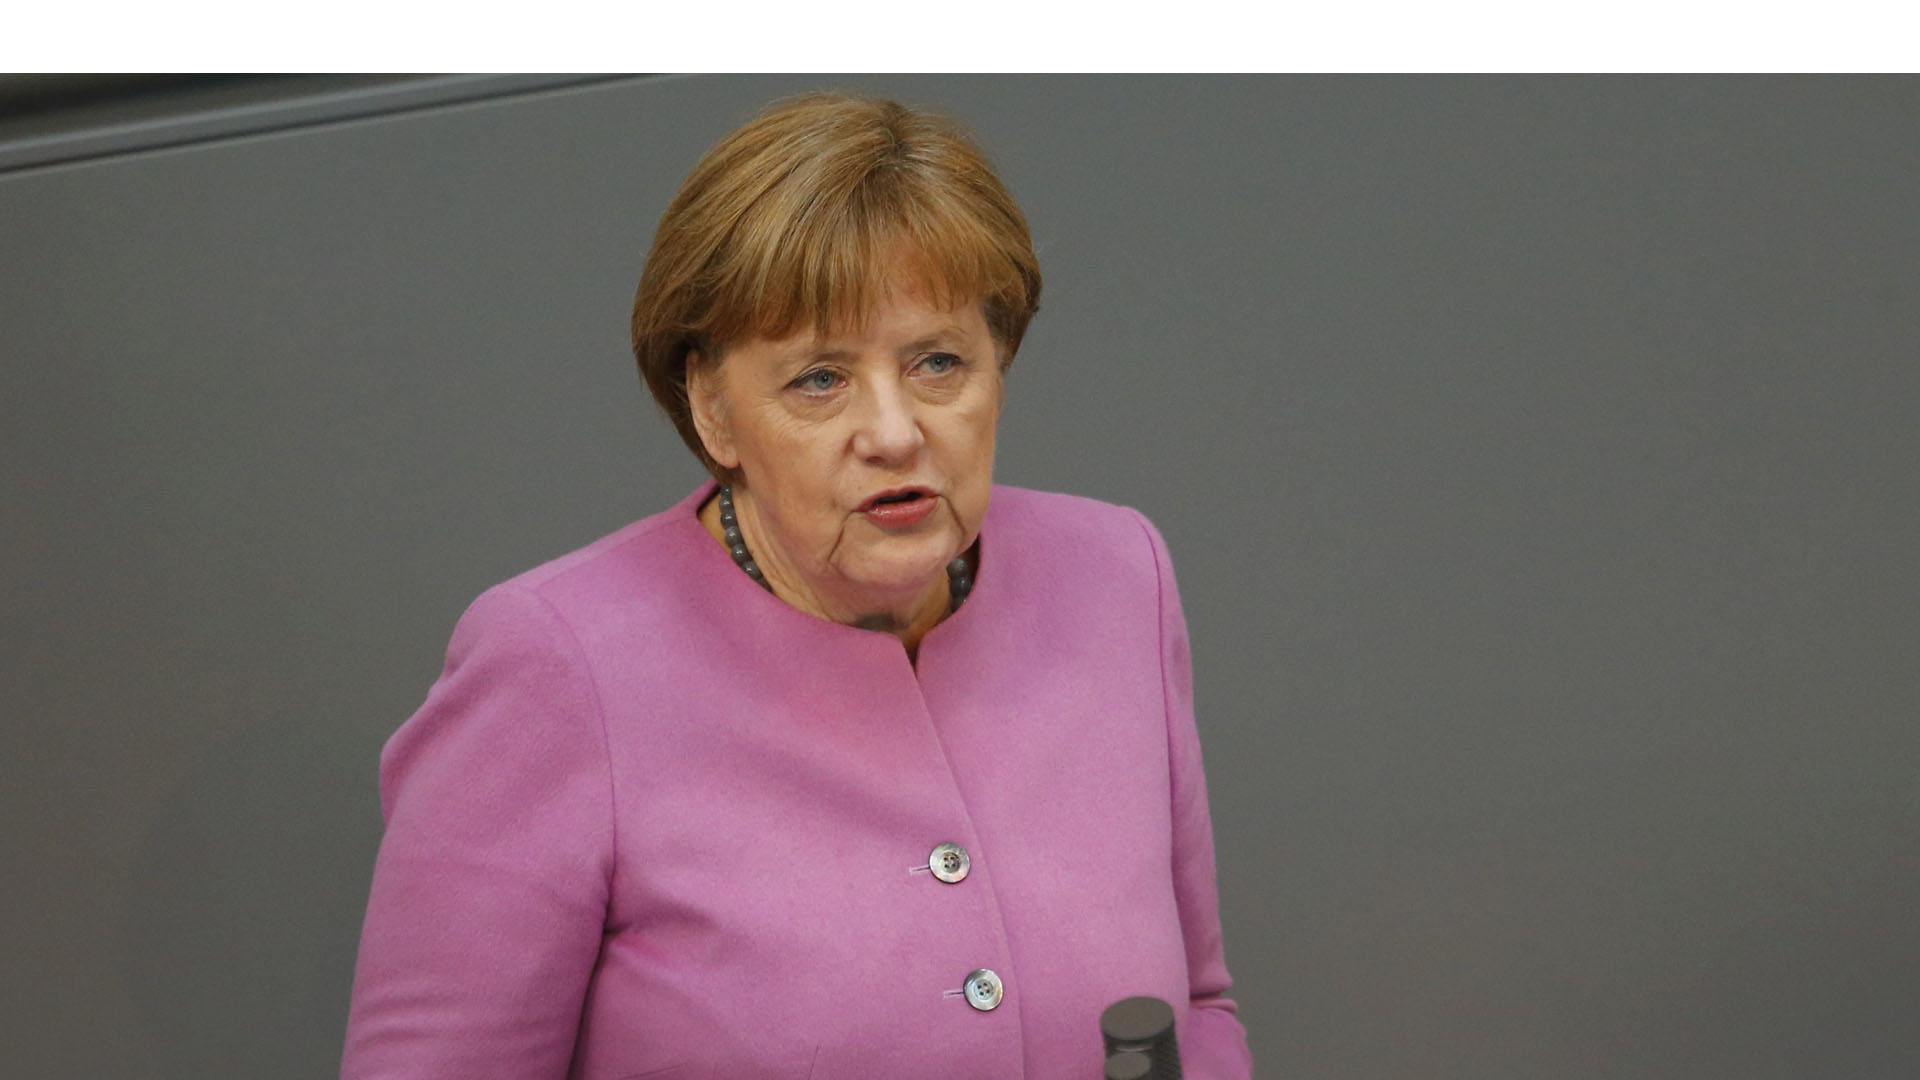 """La canciller alemana se refirió a la crisis de refugiados asegurando que el continente europeo """"puede hacer frente a este desafío"""""""